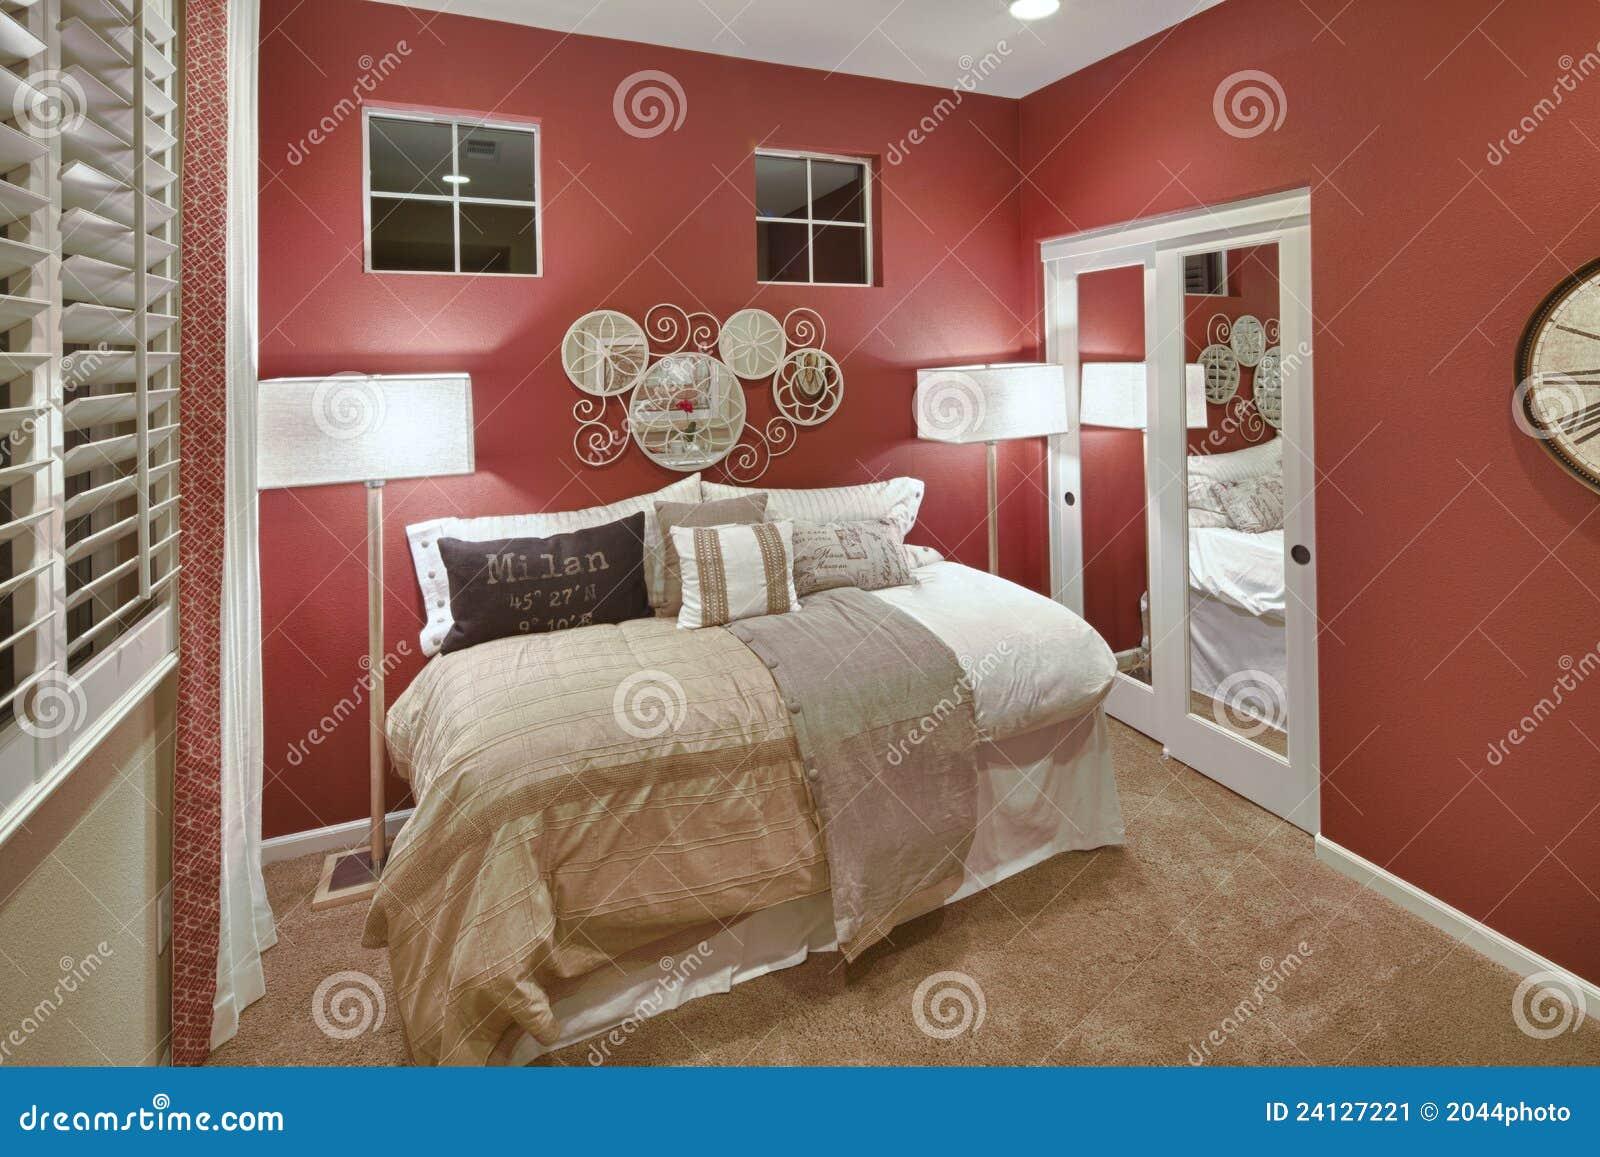 Camera da letto della casa di modello colore rosso - Colore della camera da letto ...